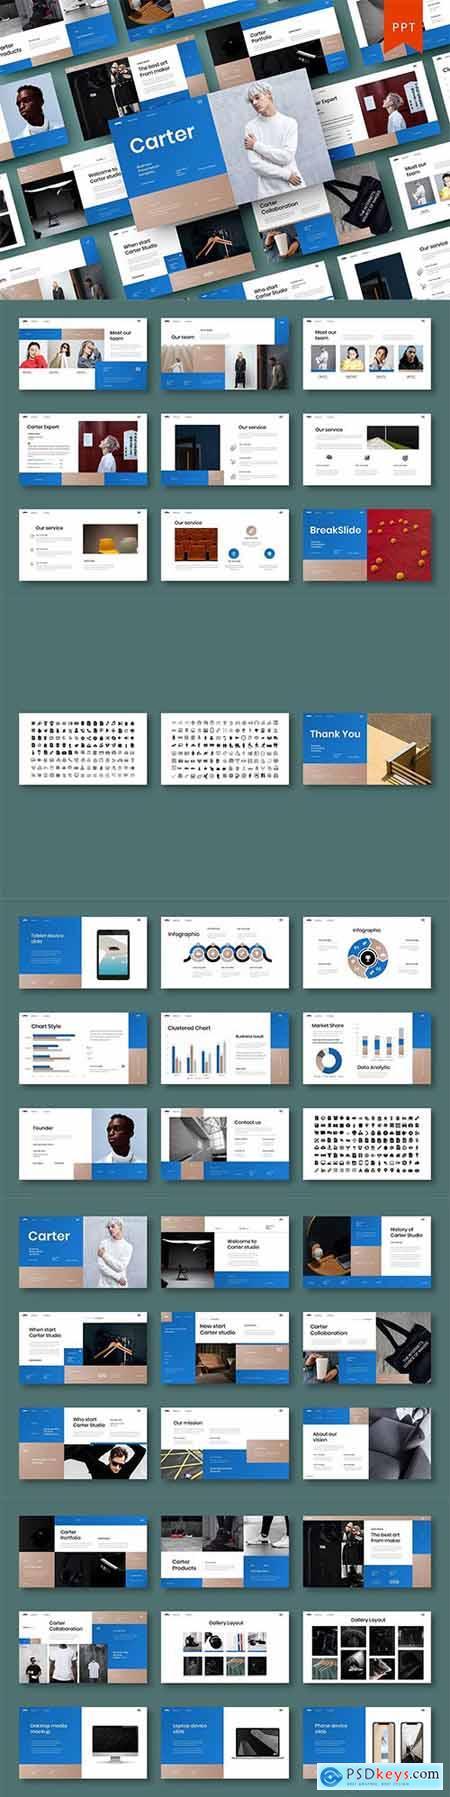 Carter – Business PowerPoint Template